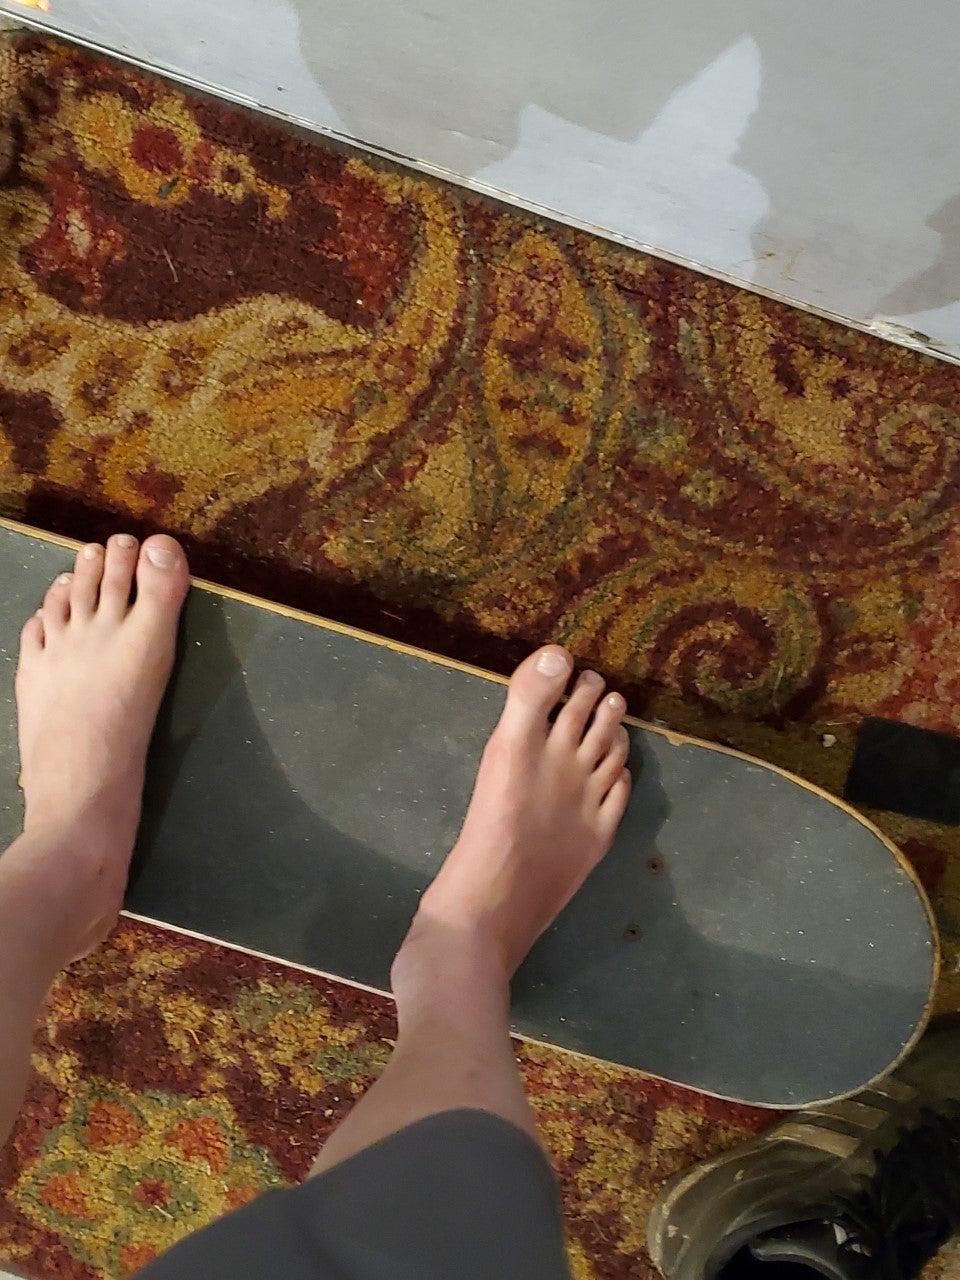 Skateboard Compliant Shock Absorber